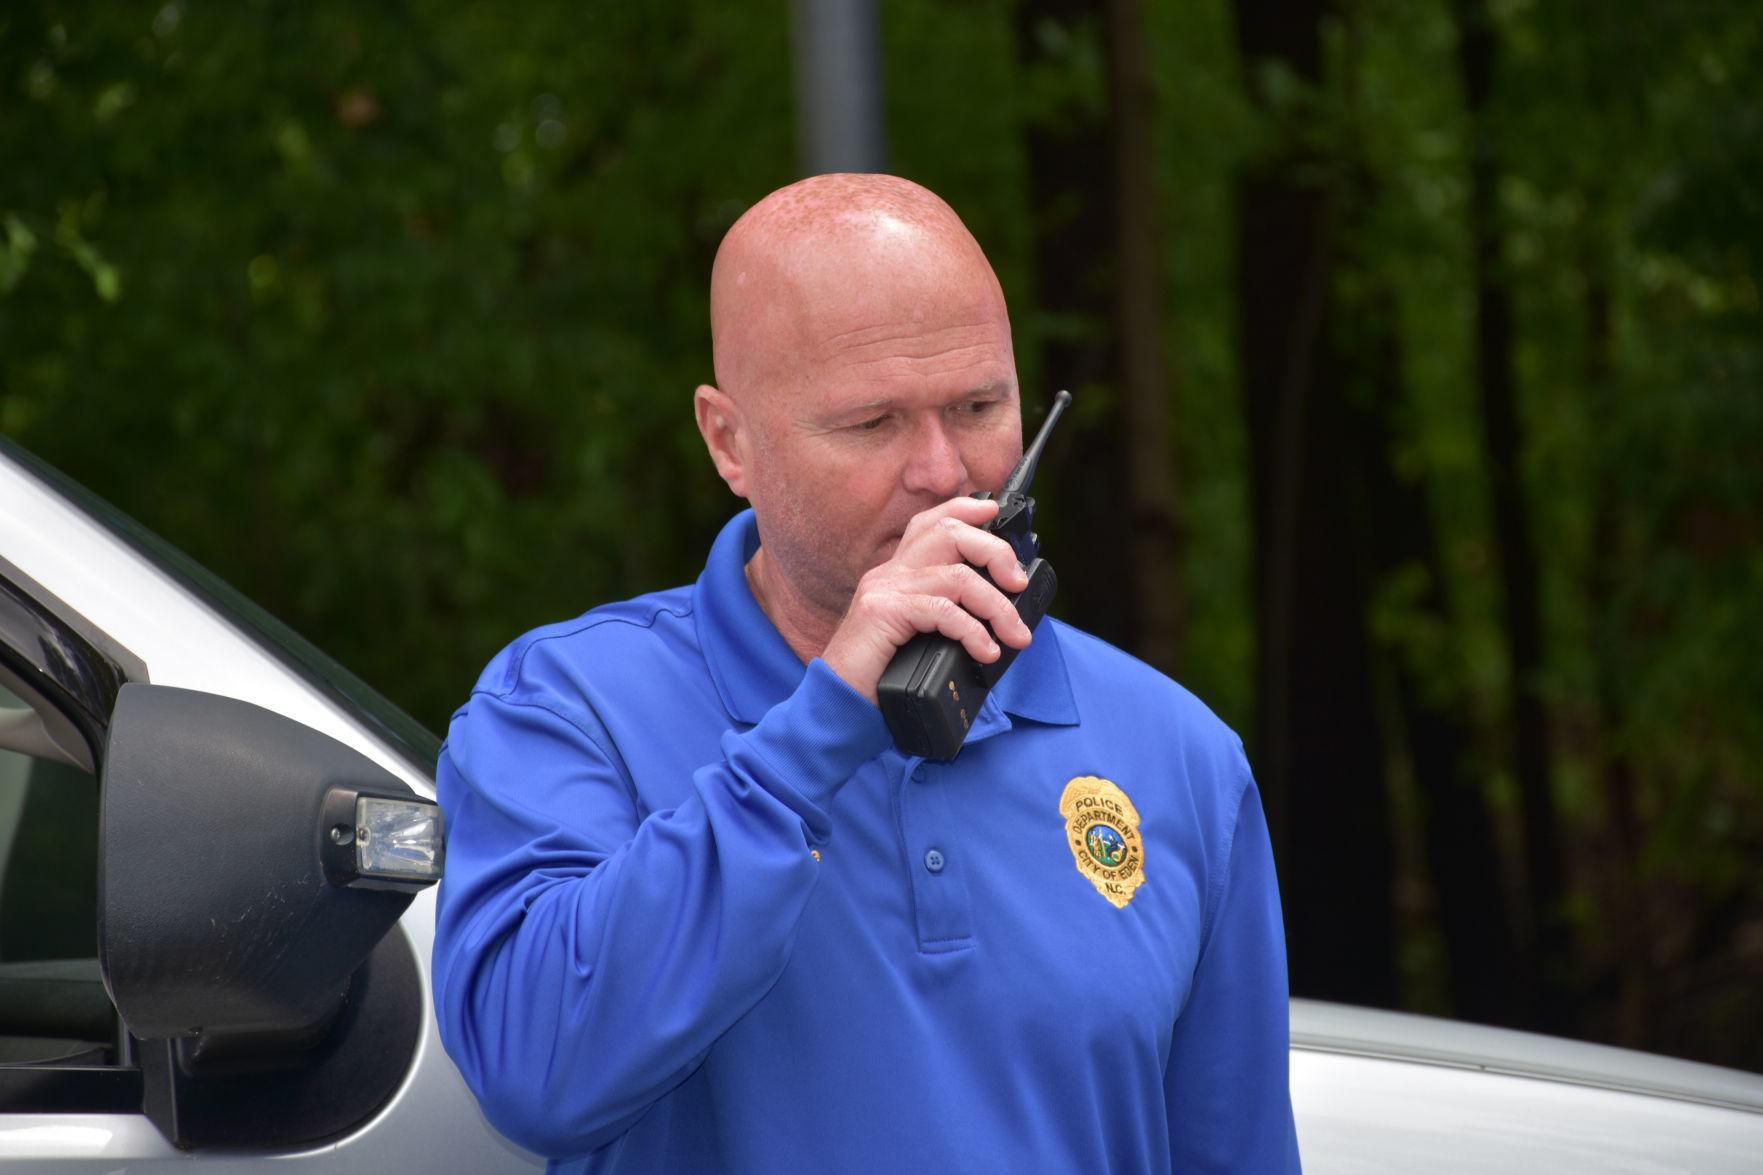 NORTH CAROLINA EDEN POLICE DEPT PATCH